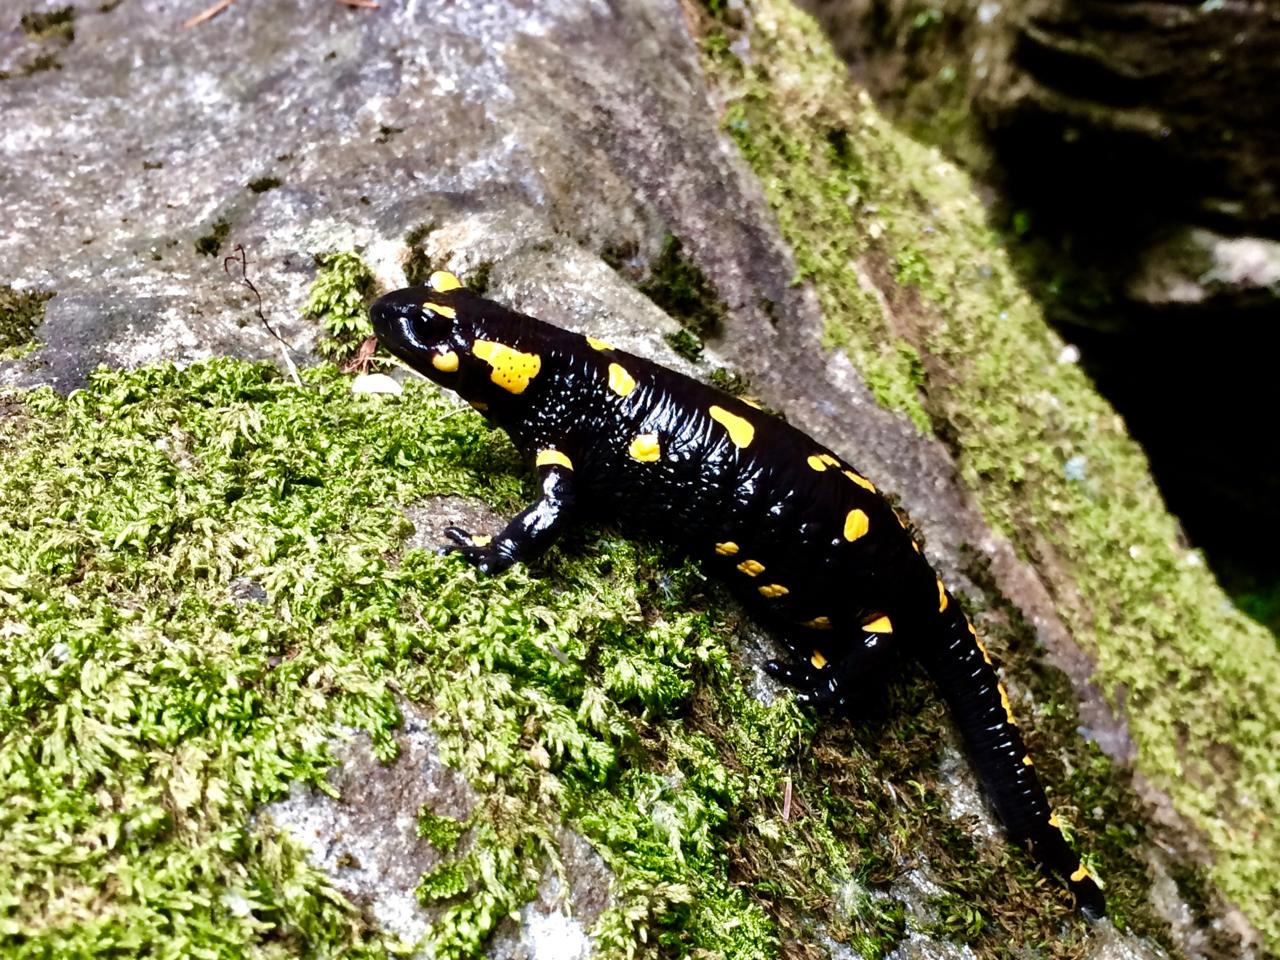 Fuoco cammina con me: la leggenda della salamandra